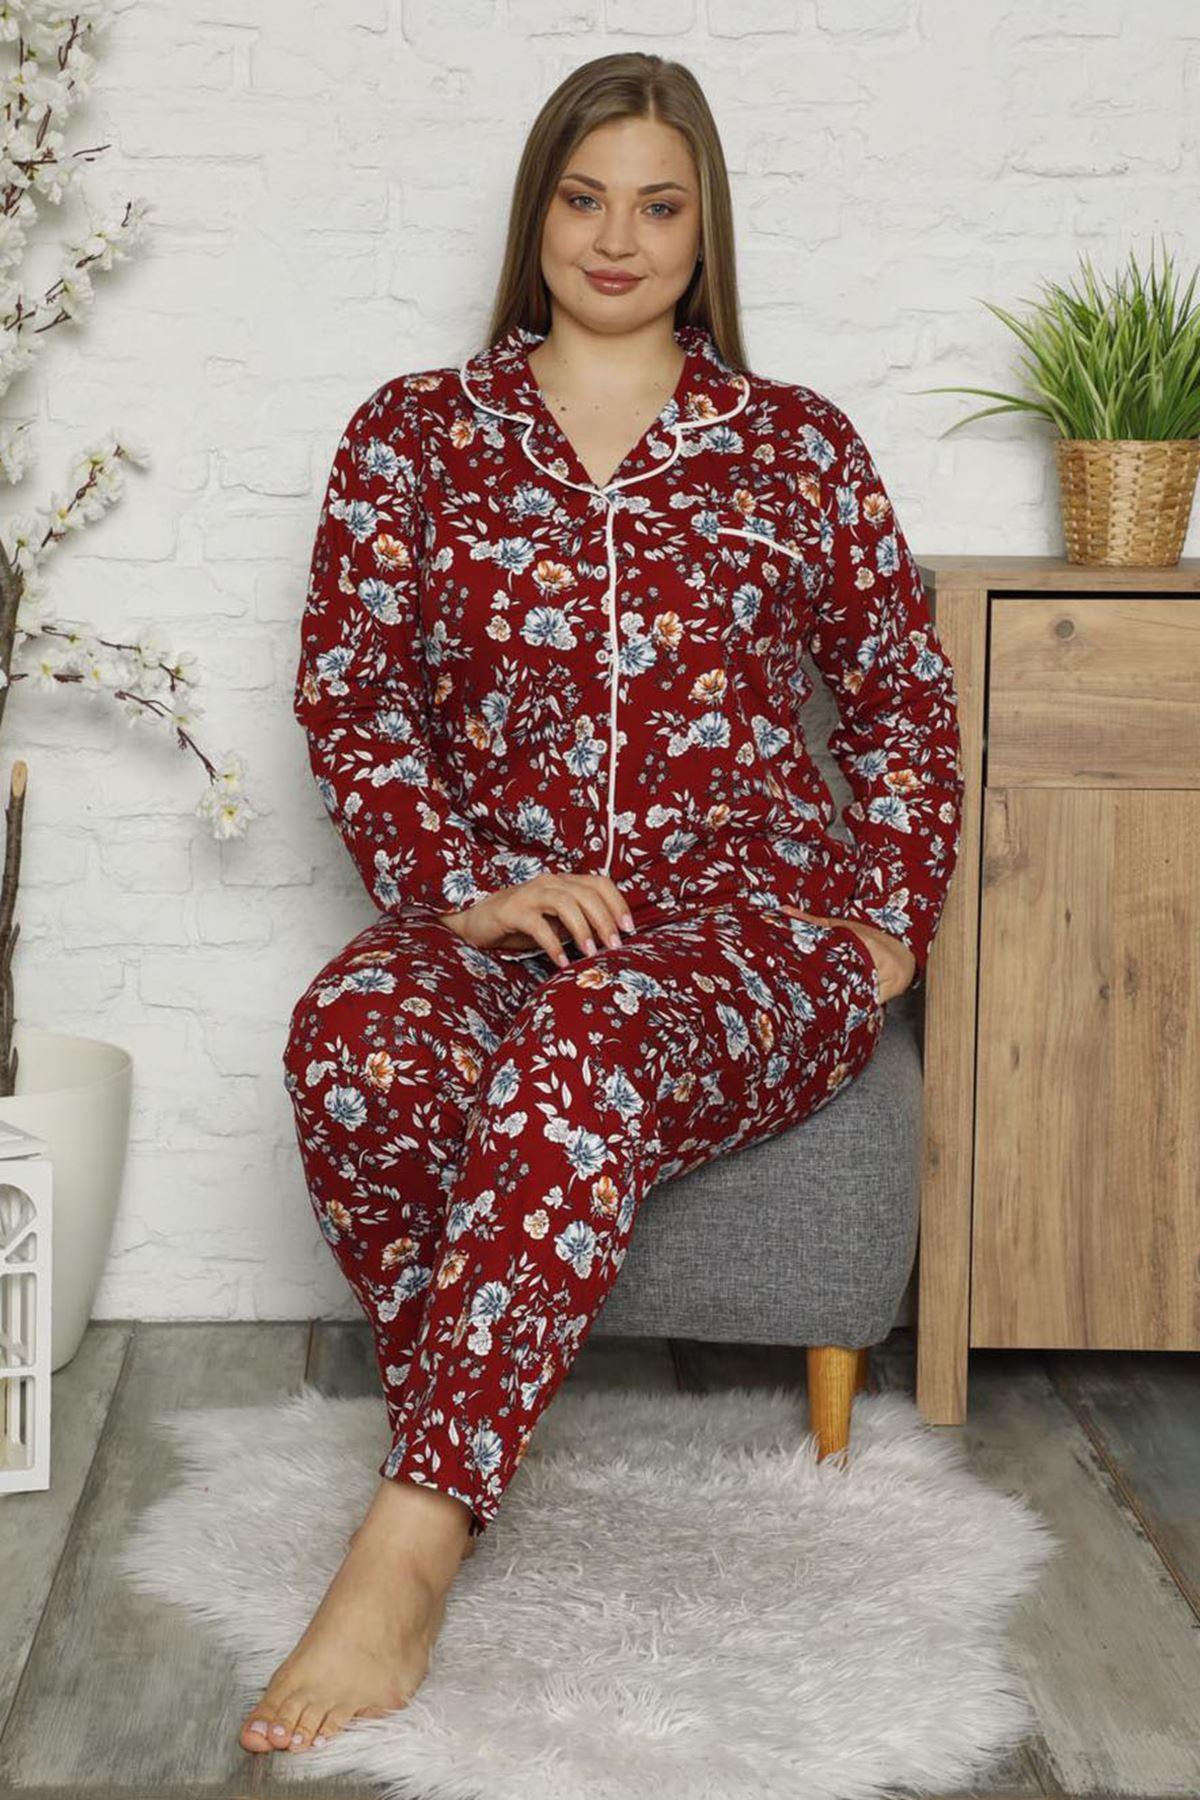 Çiçekli Büyük Beden Pijama Takımı 32E-1482